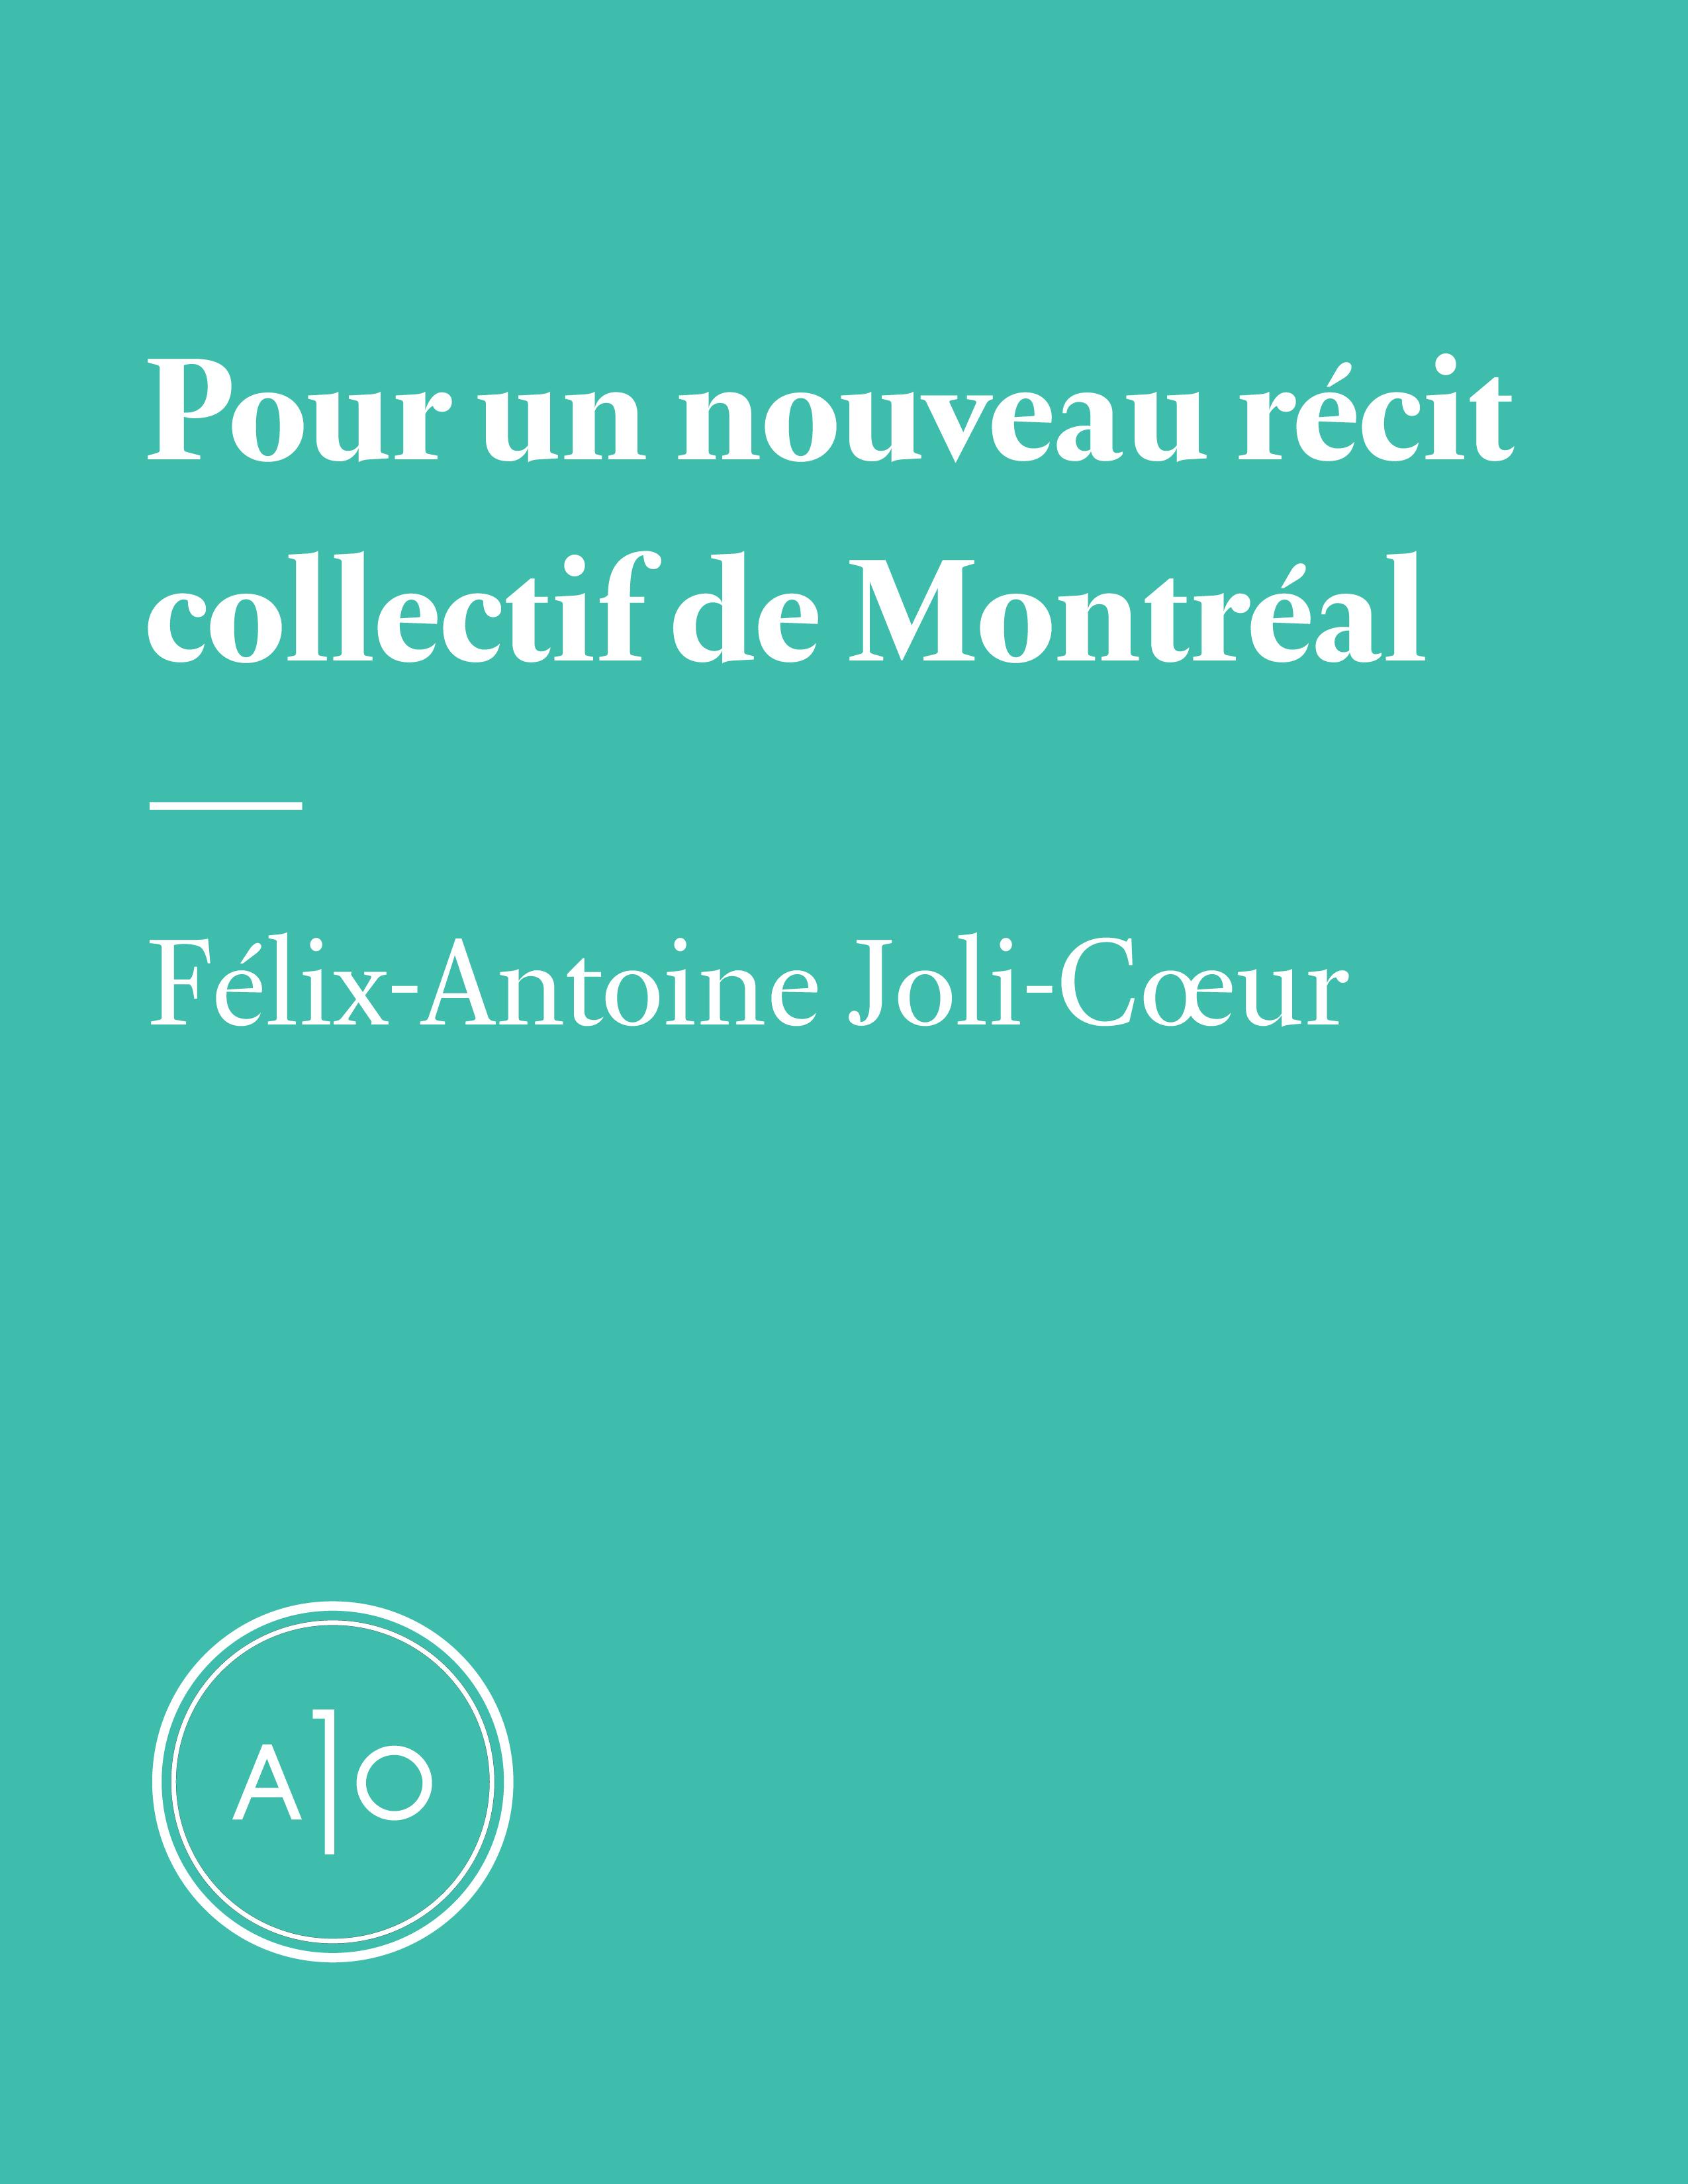 Pour un nouveau récit collectif de Montréal